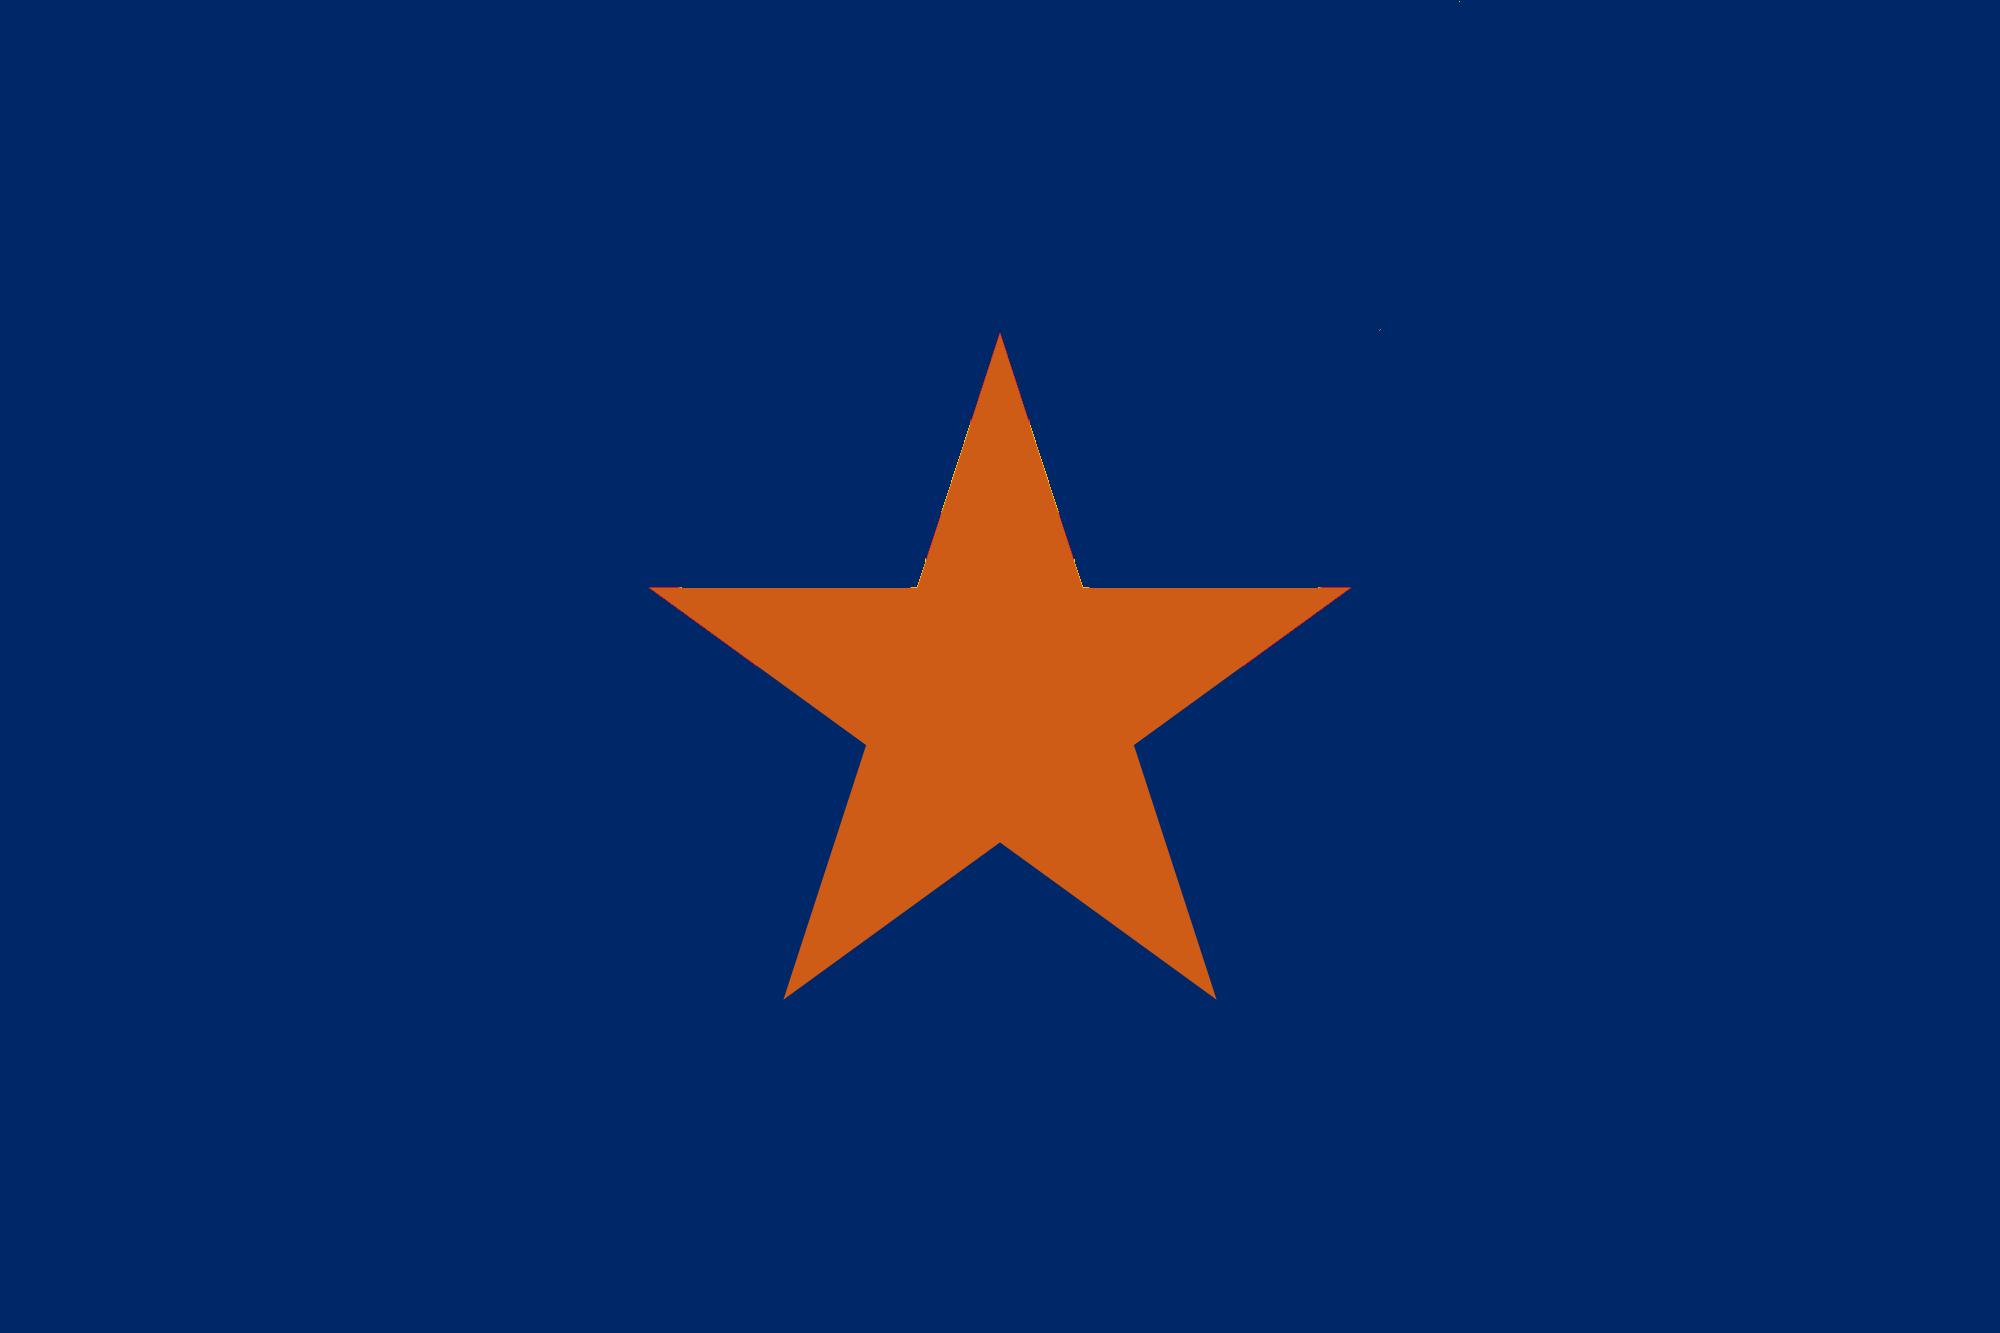 Arizona (MNI)